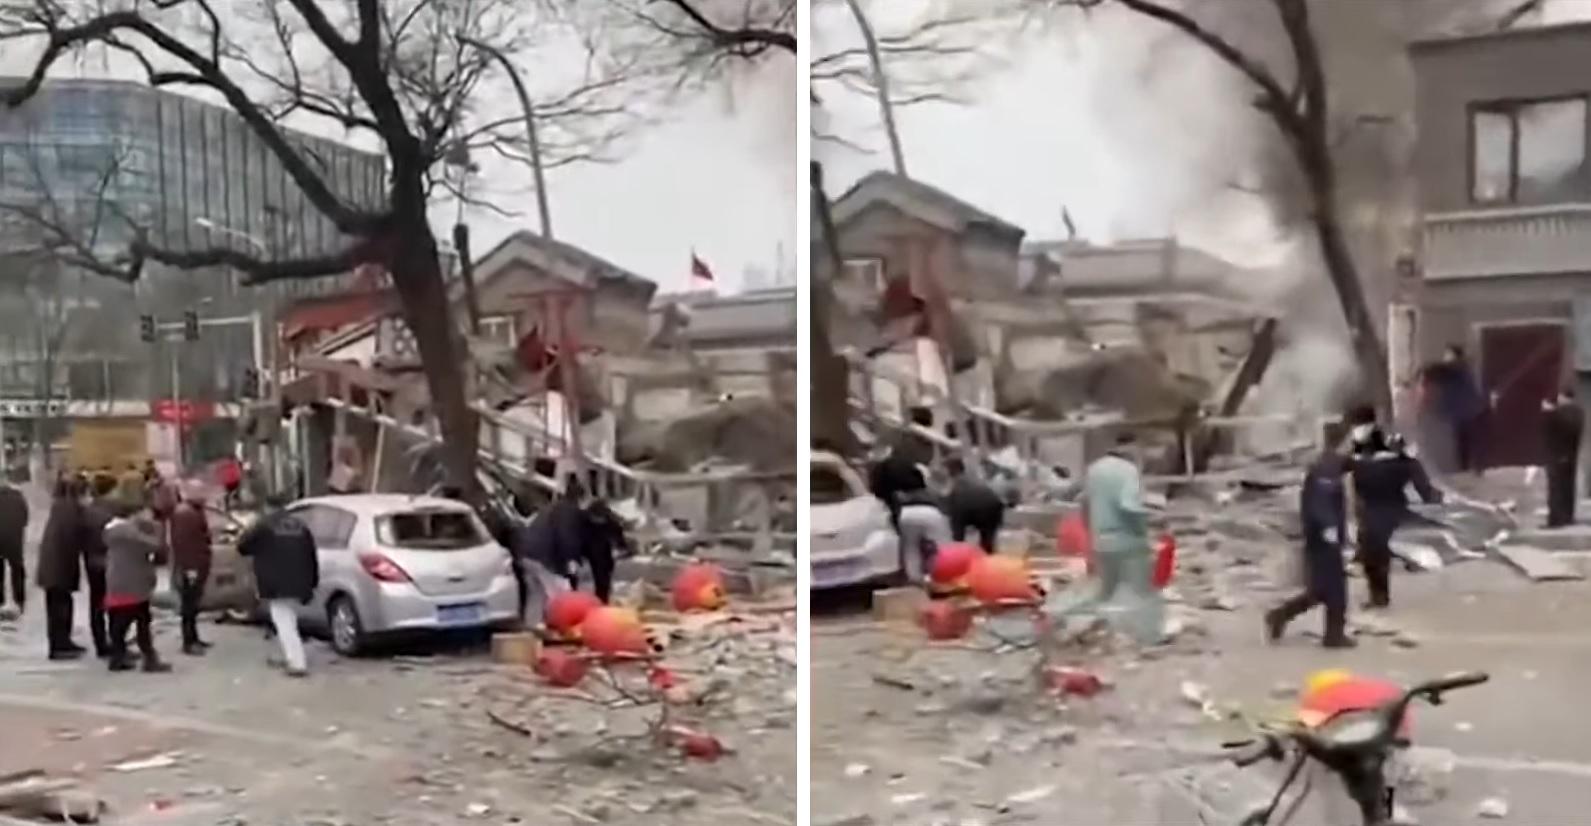 兩會前夕,靠近中南海與天安門廣場的一家餐廳2月23日突然發生爆炸,整個餐廳被炸成廢墟。(新聞看點影片截圖)